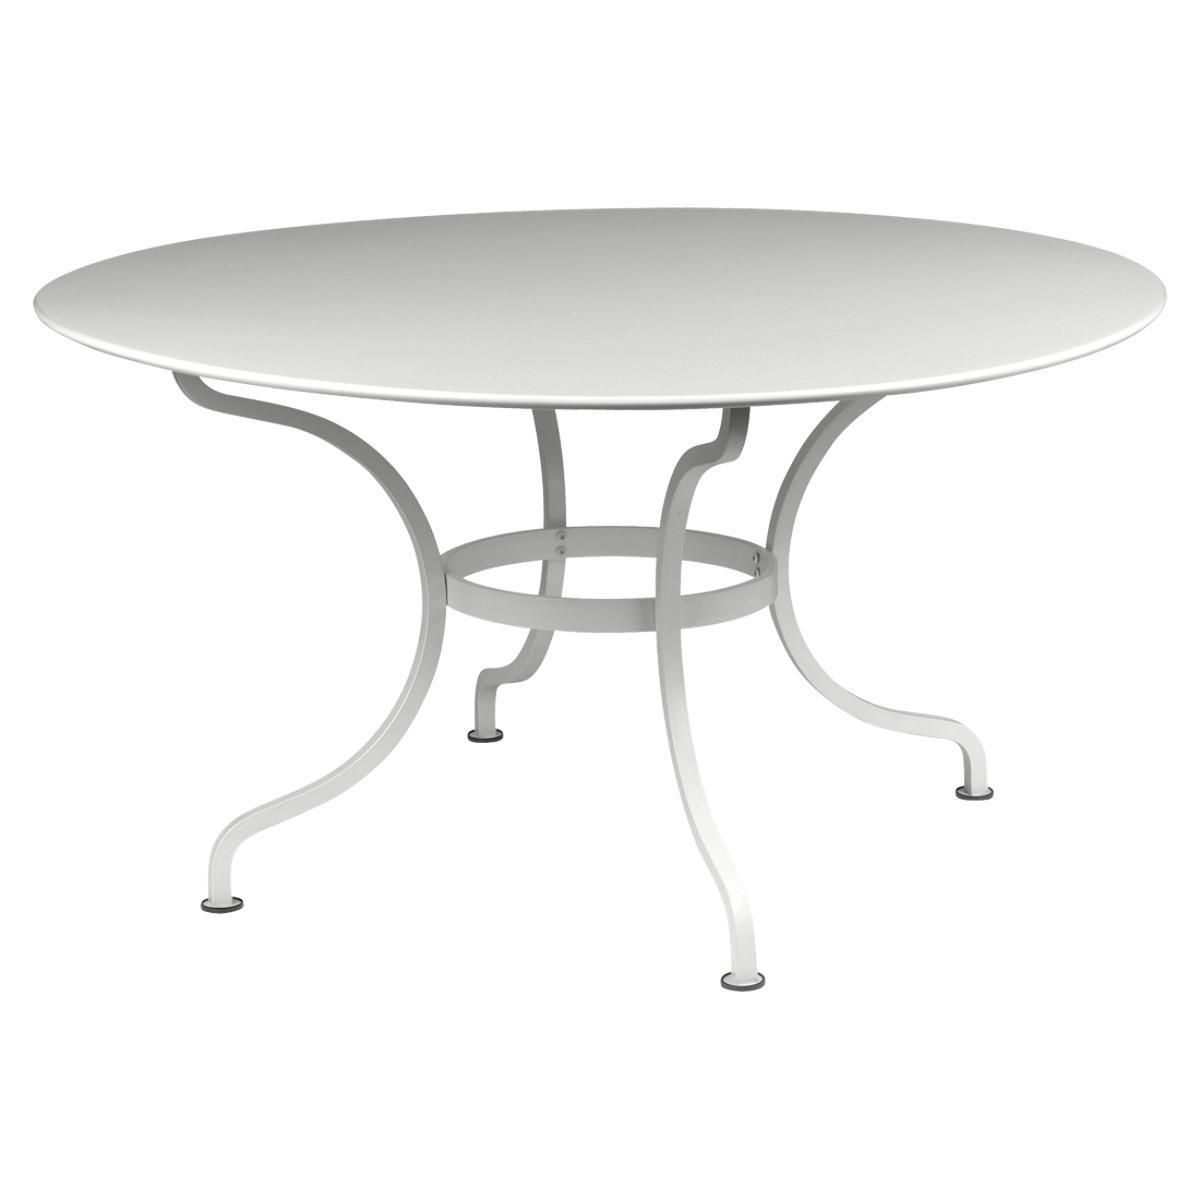 Table ronde 137cm ROMANE Fermob gris métal